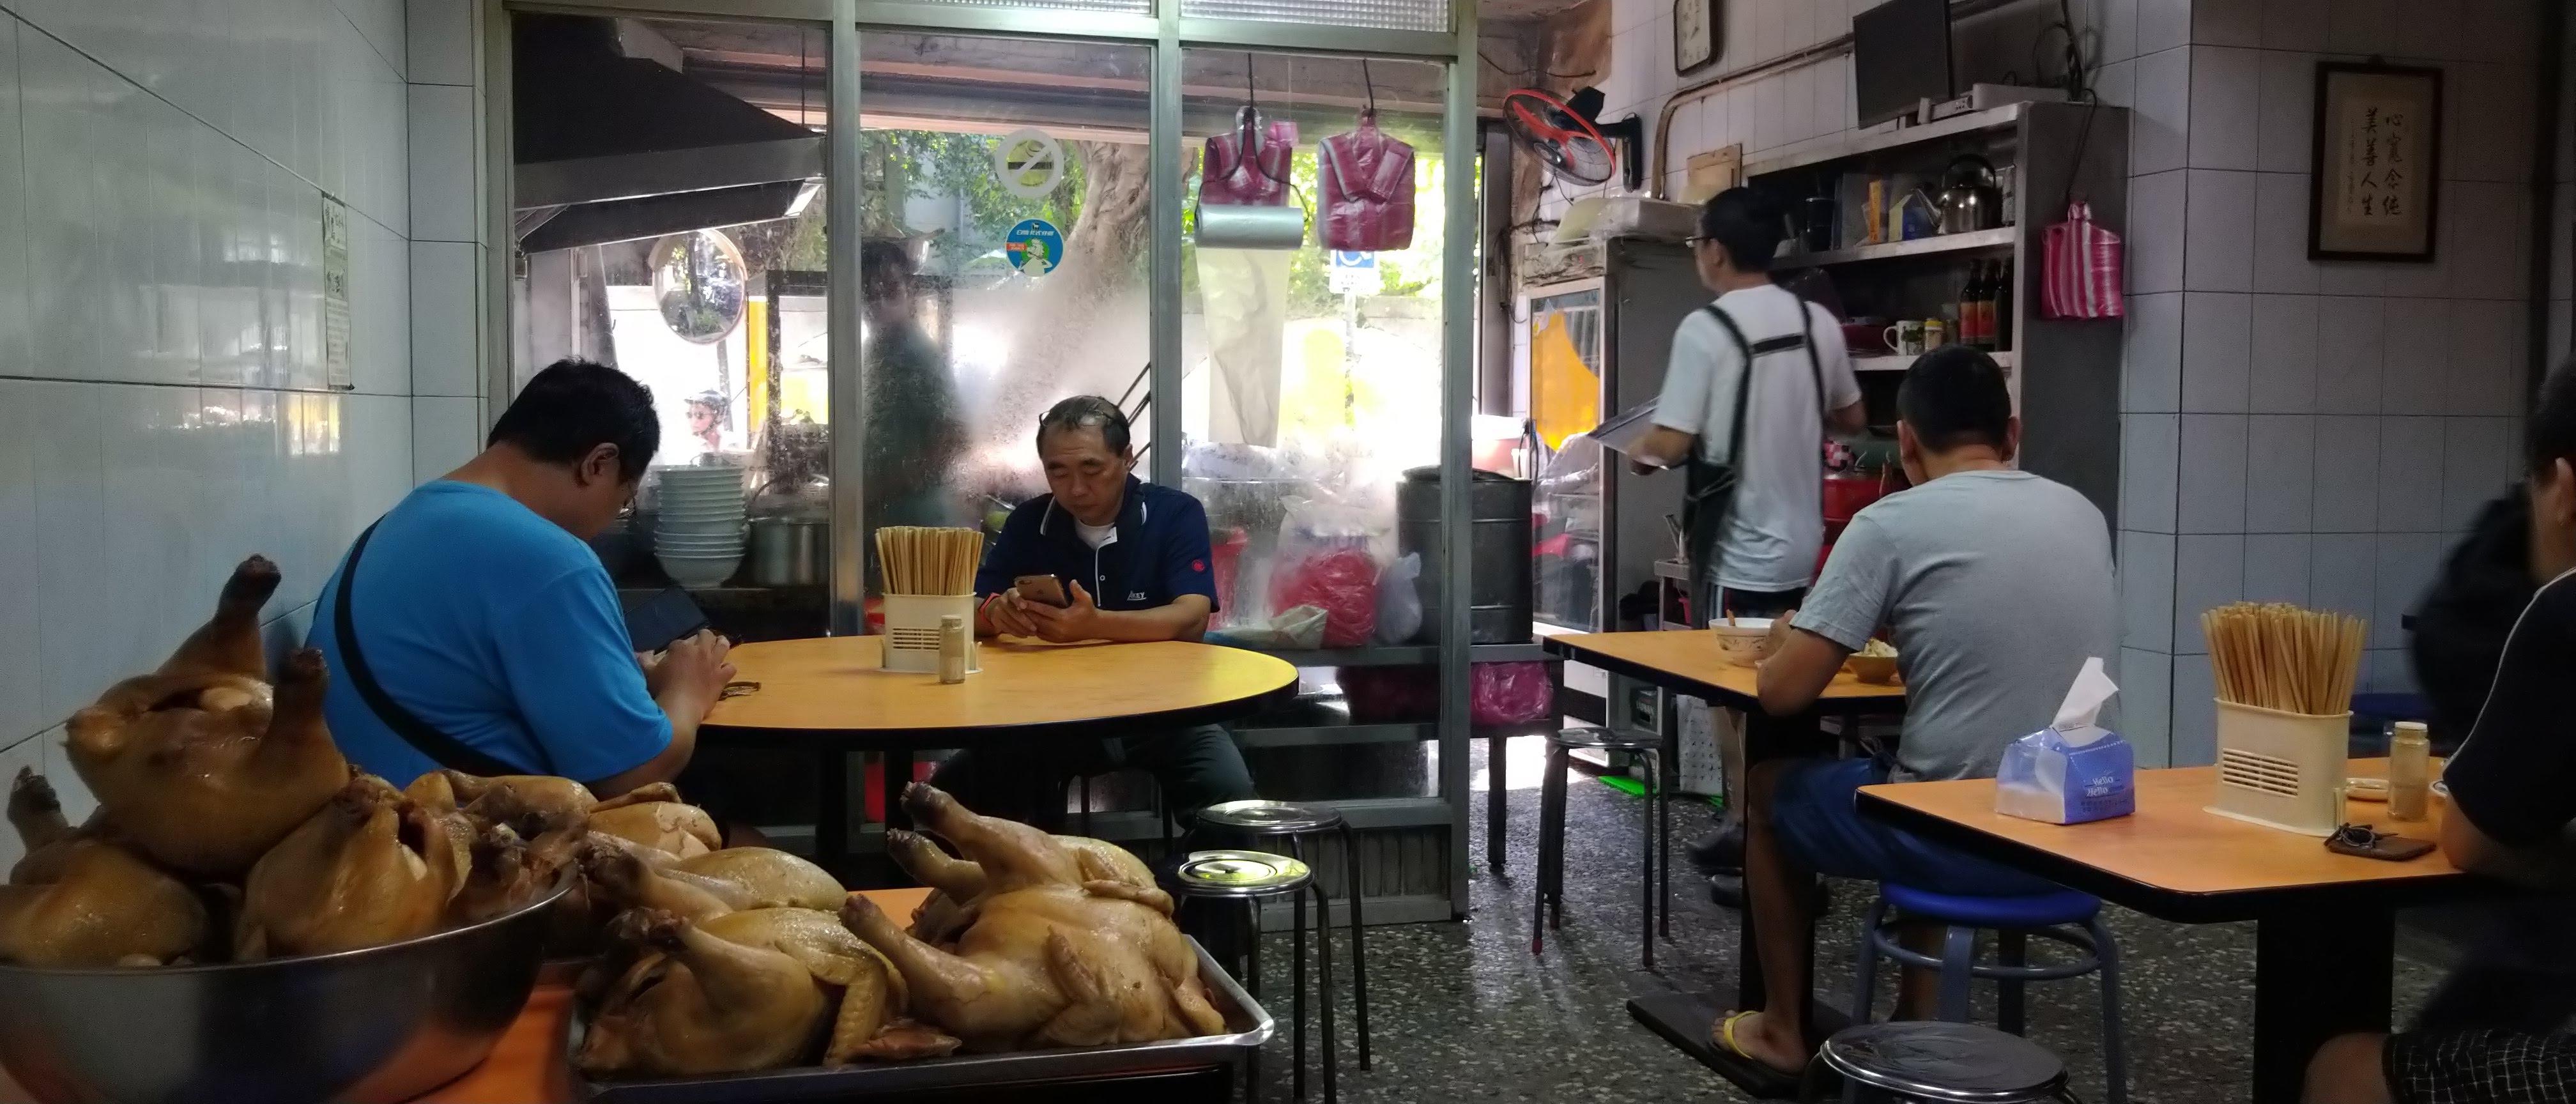 [食在臺北] 賣麵炎仔 金泉小吃店 | 香港。臺北。上海